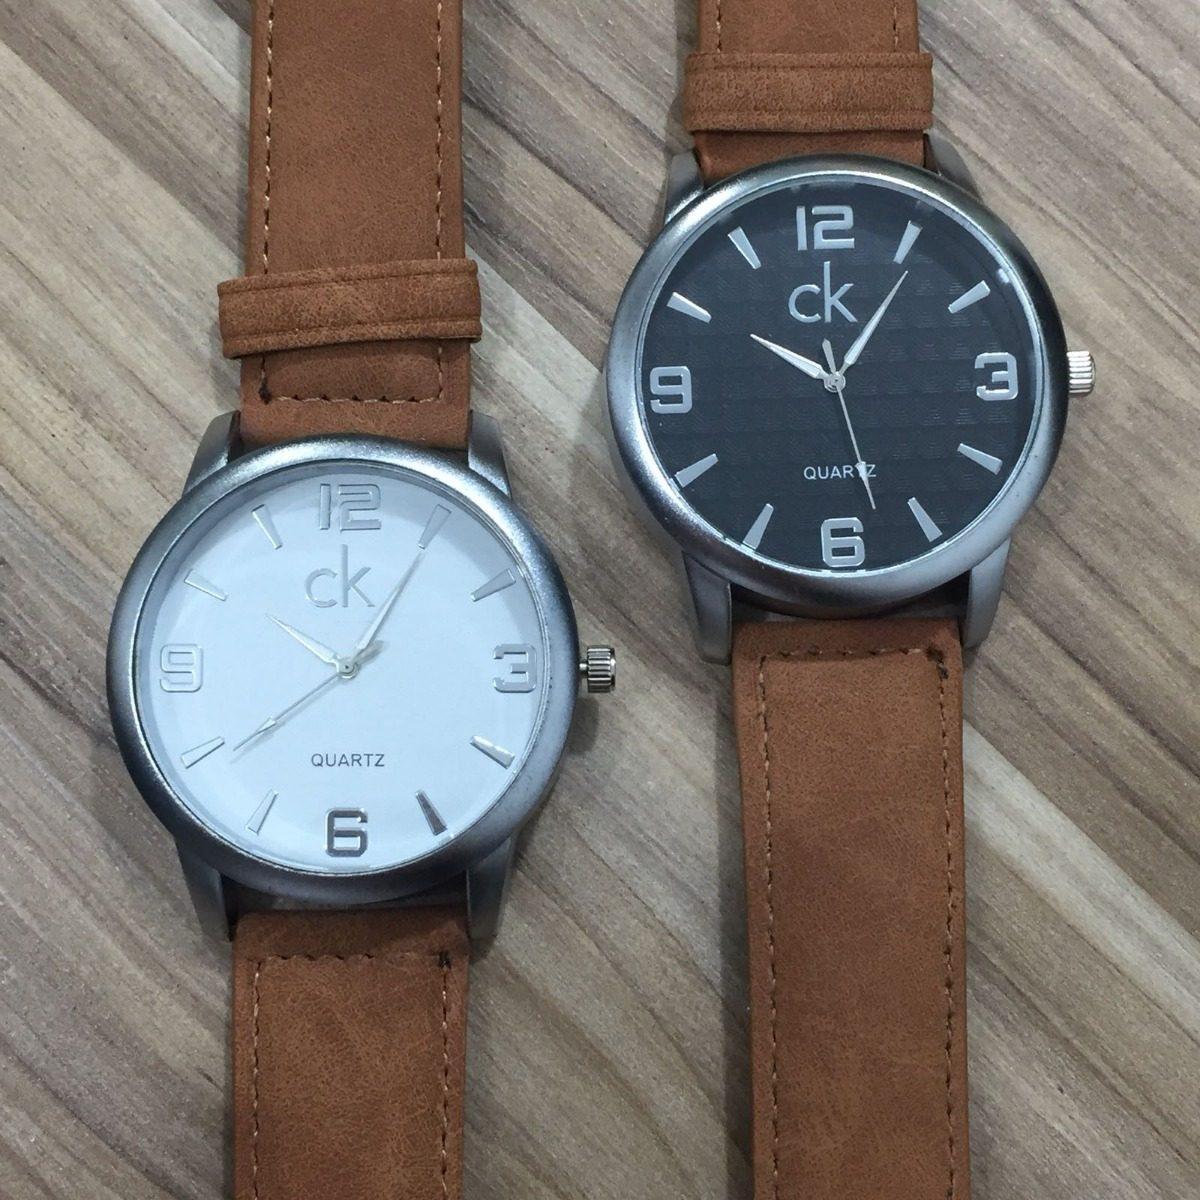 649d67d9379 Relógio Masculino Ck Pulseira Couro Barato + Caixa + Brinde - R  49 ...